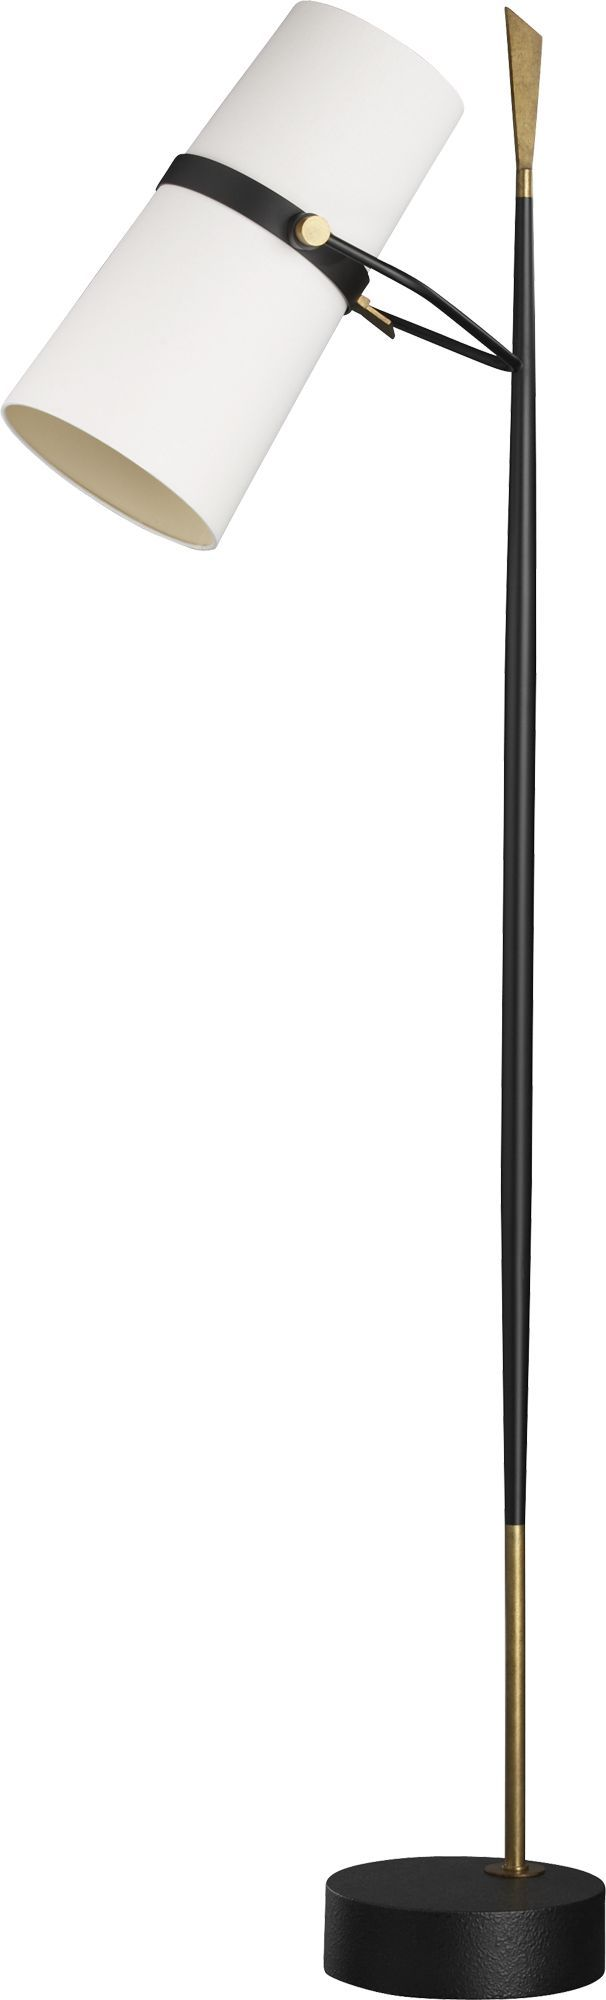 Riston Floor Lamp | Lighting Fixtures | Floor lamp, Modern ... on Riston Floor Lamp  id=20513